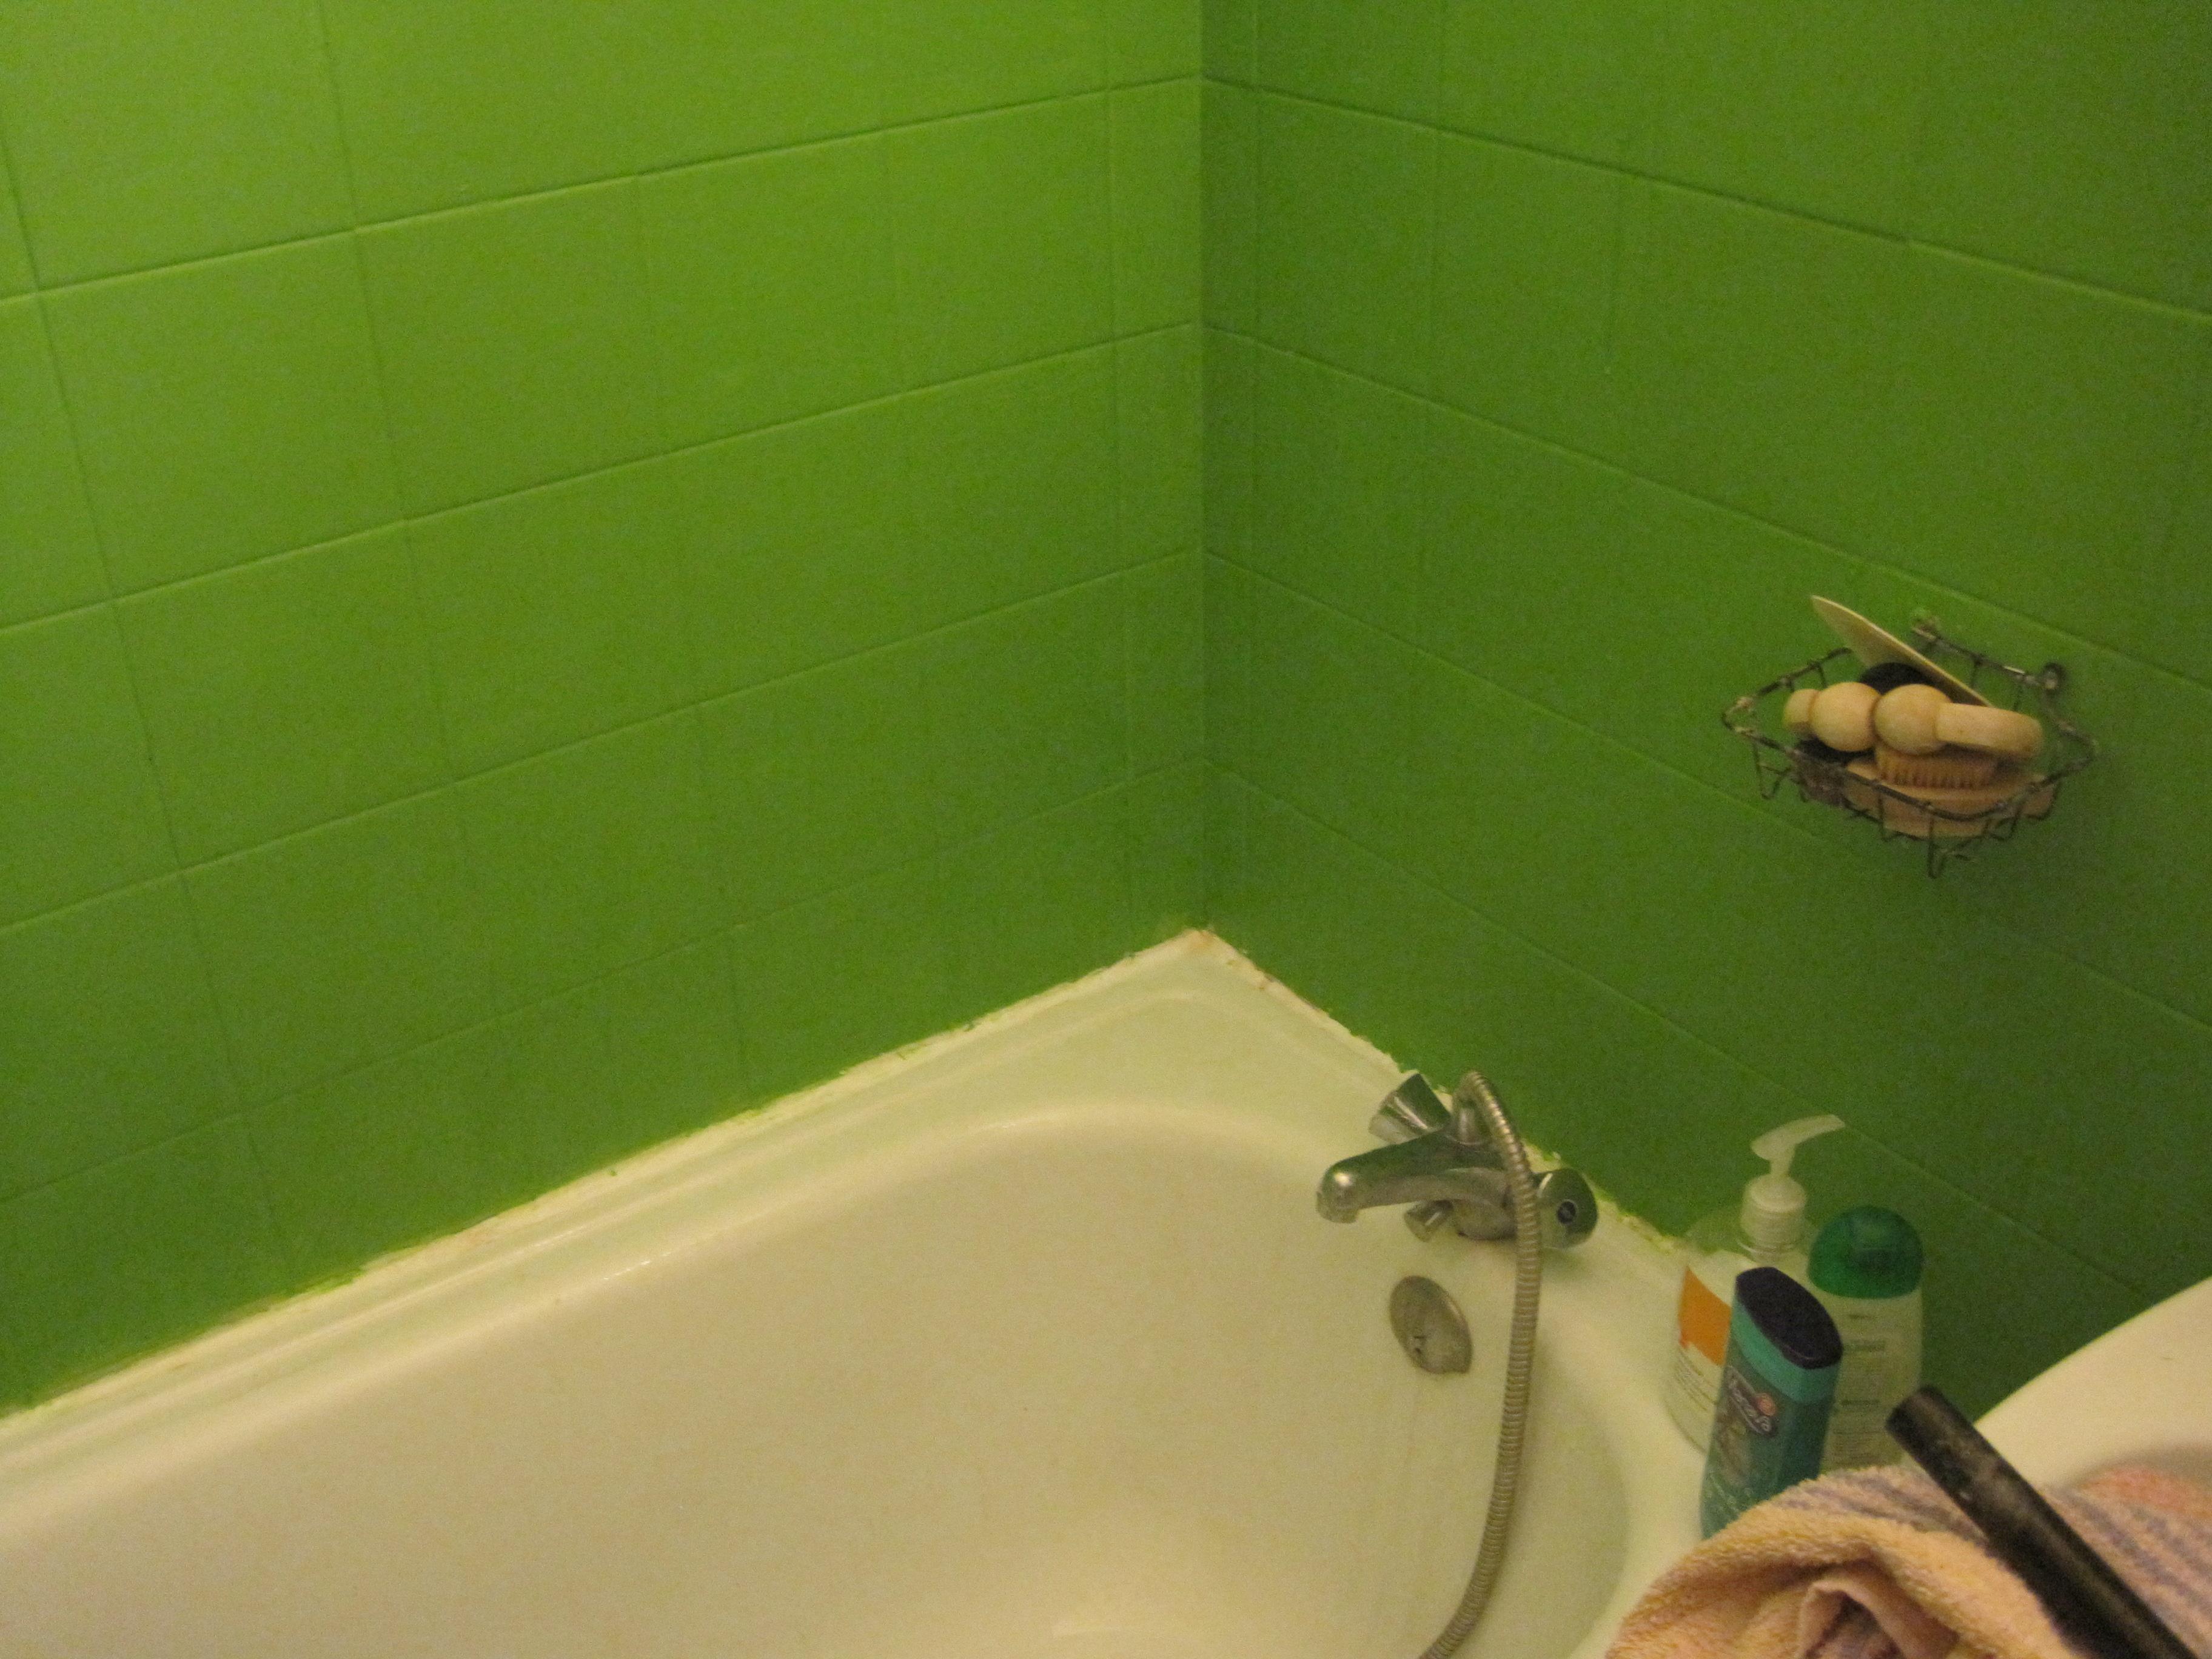 Refaire une salle de bain a moindre cout salle de bains - Refaire une salle de bain cout ...